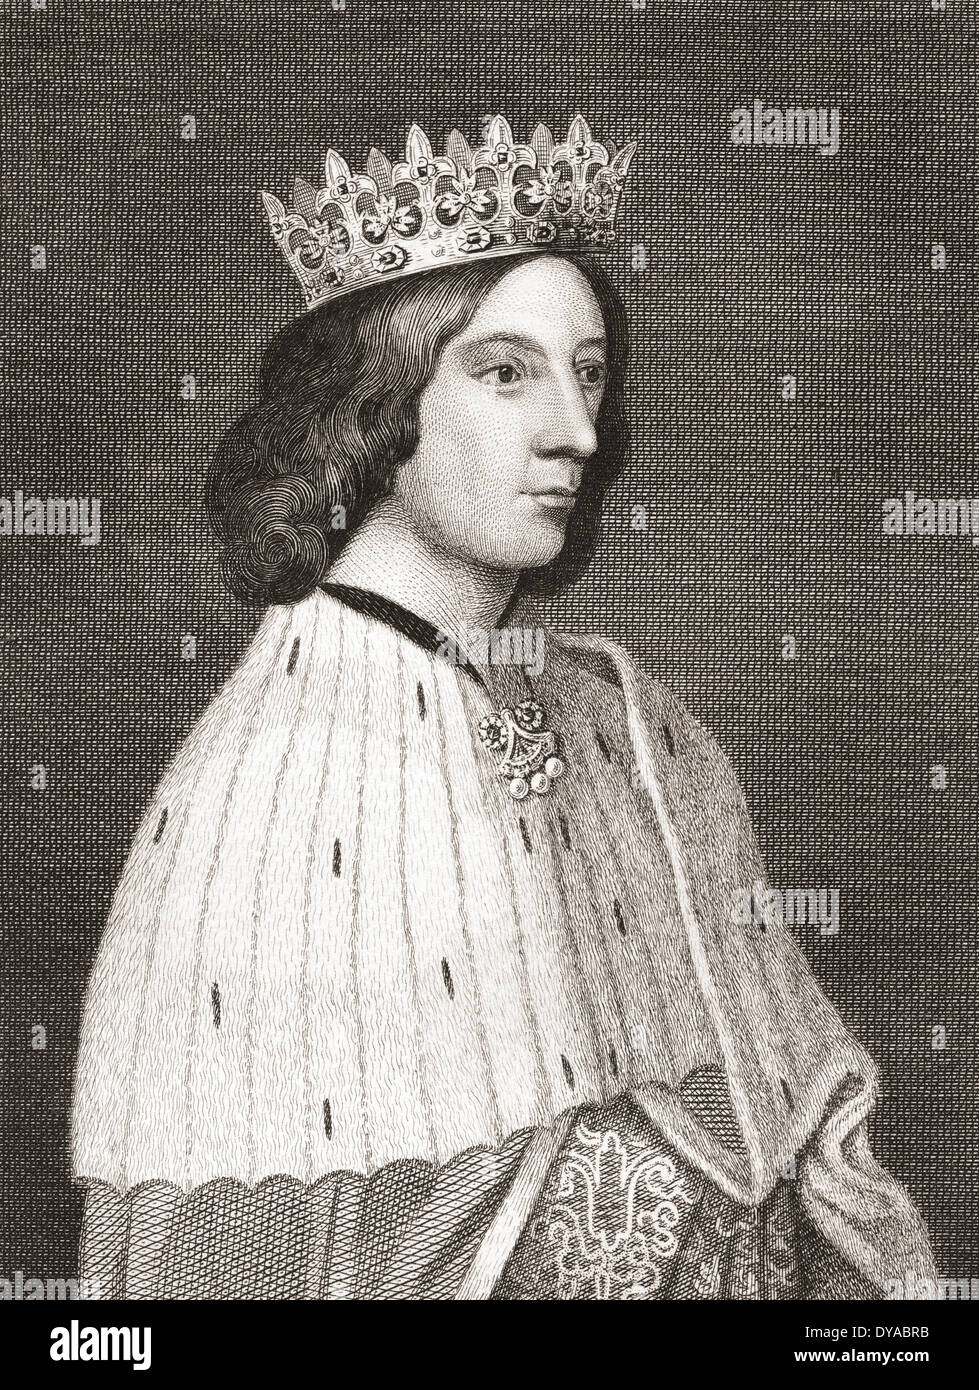 James III, King of Scots, 1451 –1488 Stock Photo - Alamy